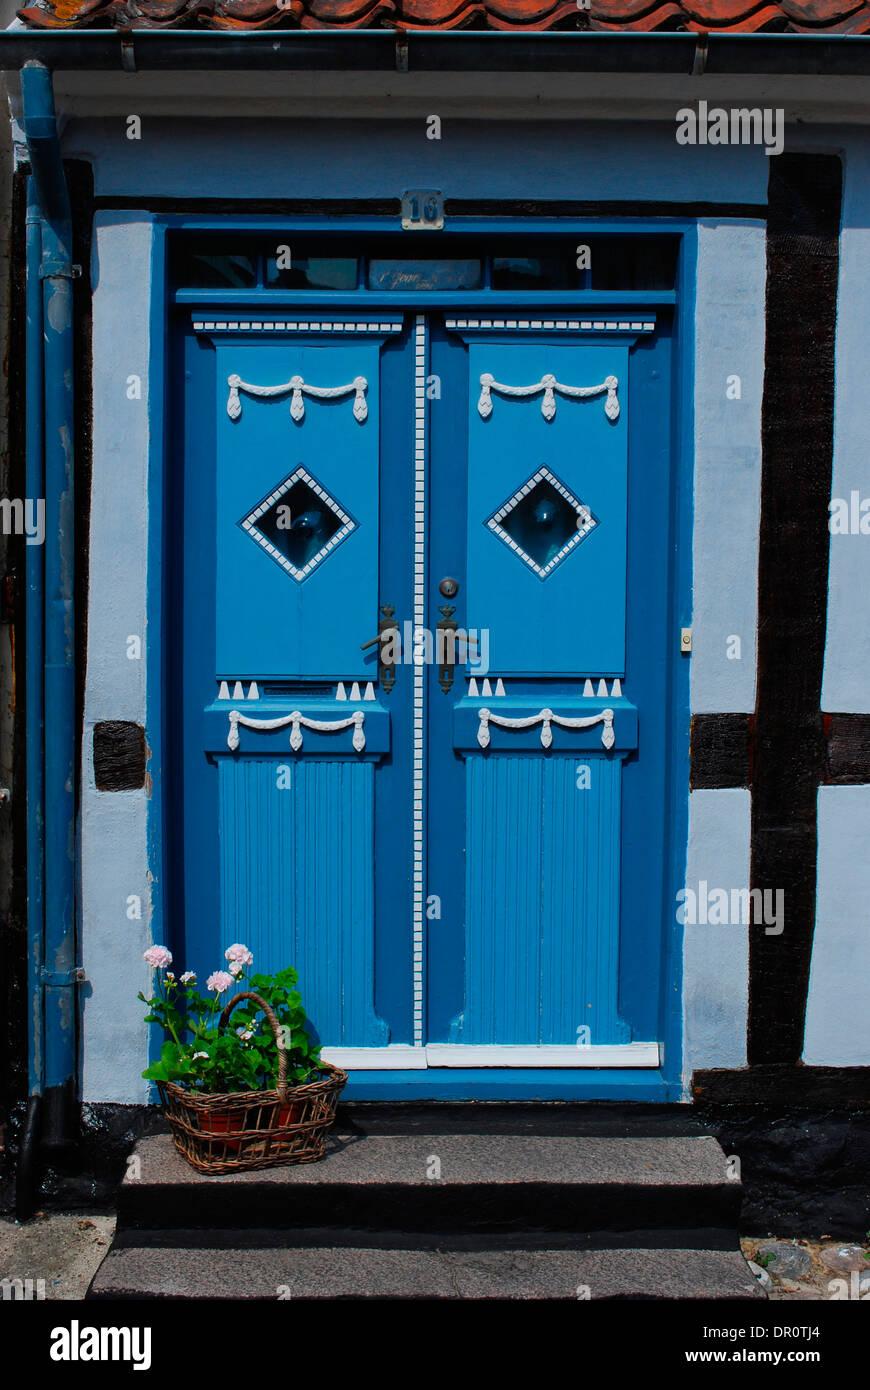 Aero island, old door in Aeroskobing, Fyn, Denmark, Scandinavia, Europe - Stock Image